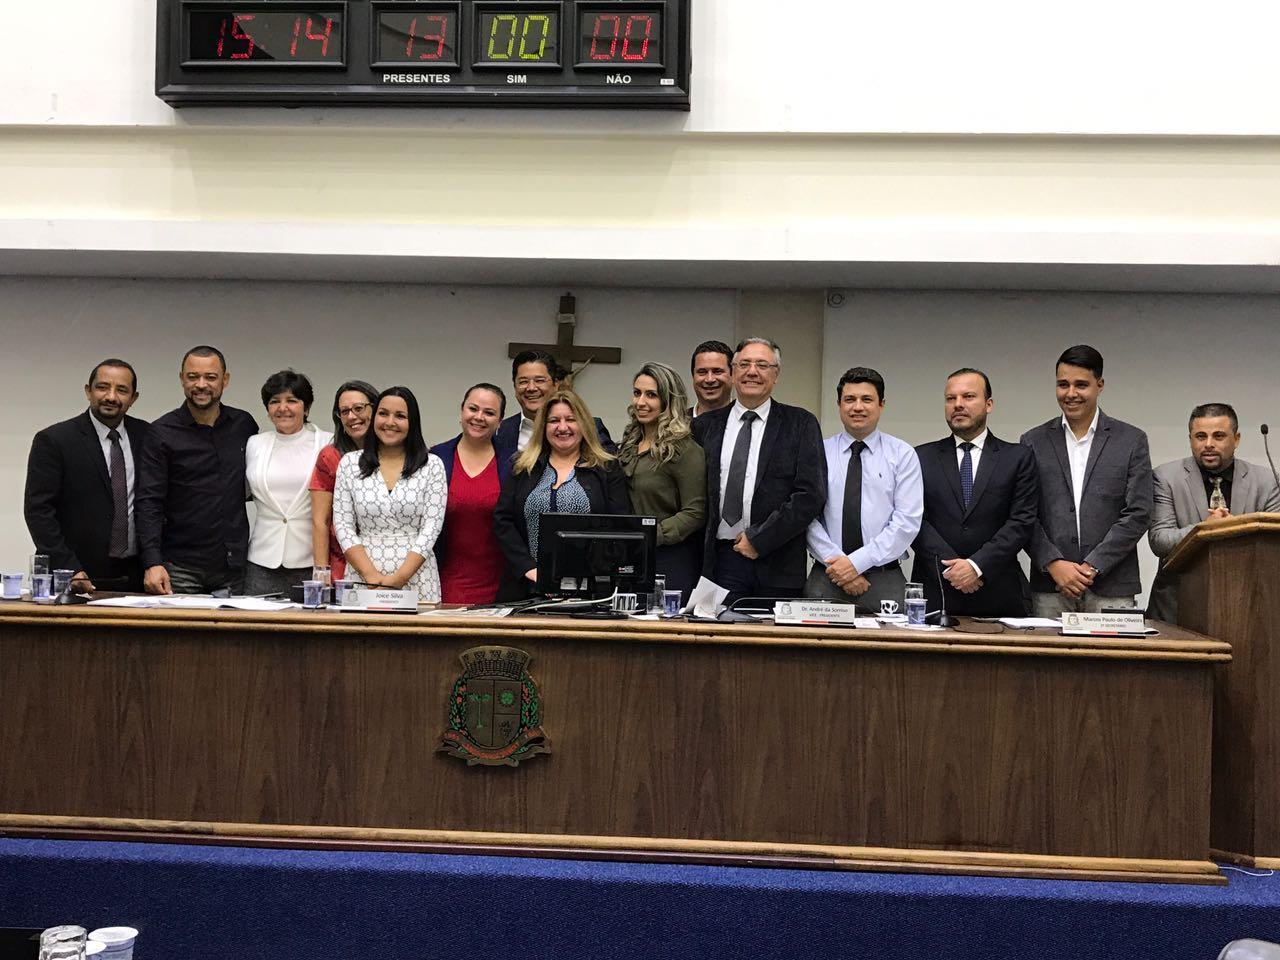 Instituto Maria da Penha lança cronômetro da violência no Brasil